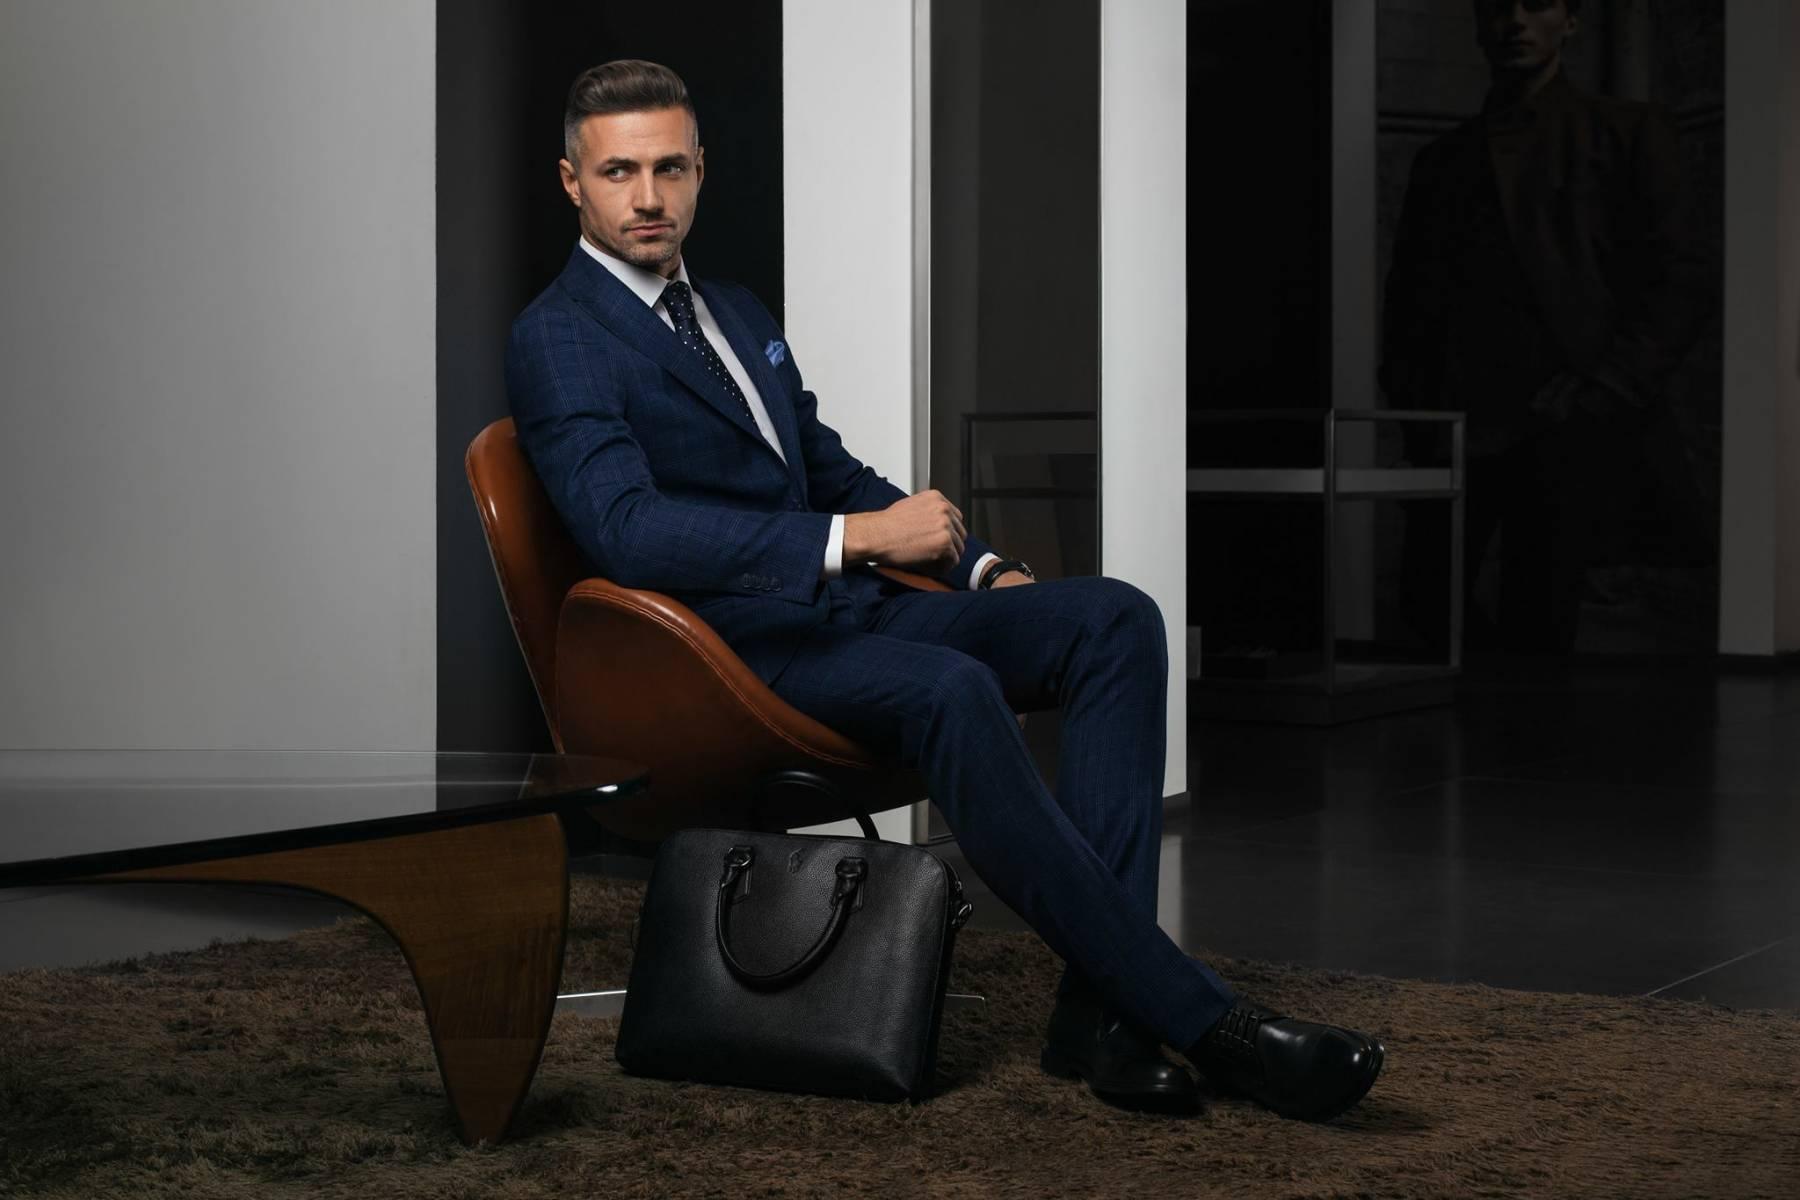 Український бренд класичного чоловічого одягу. В основному компанія  випускає чоловічі костюми 8e26804f5a3cc